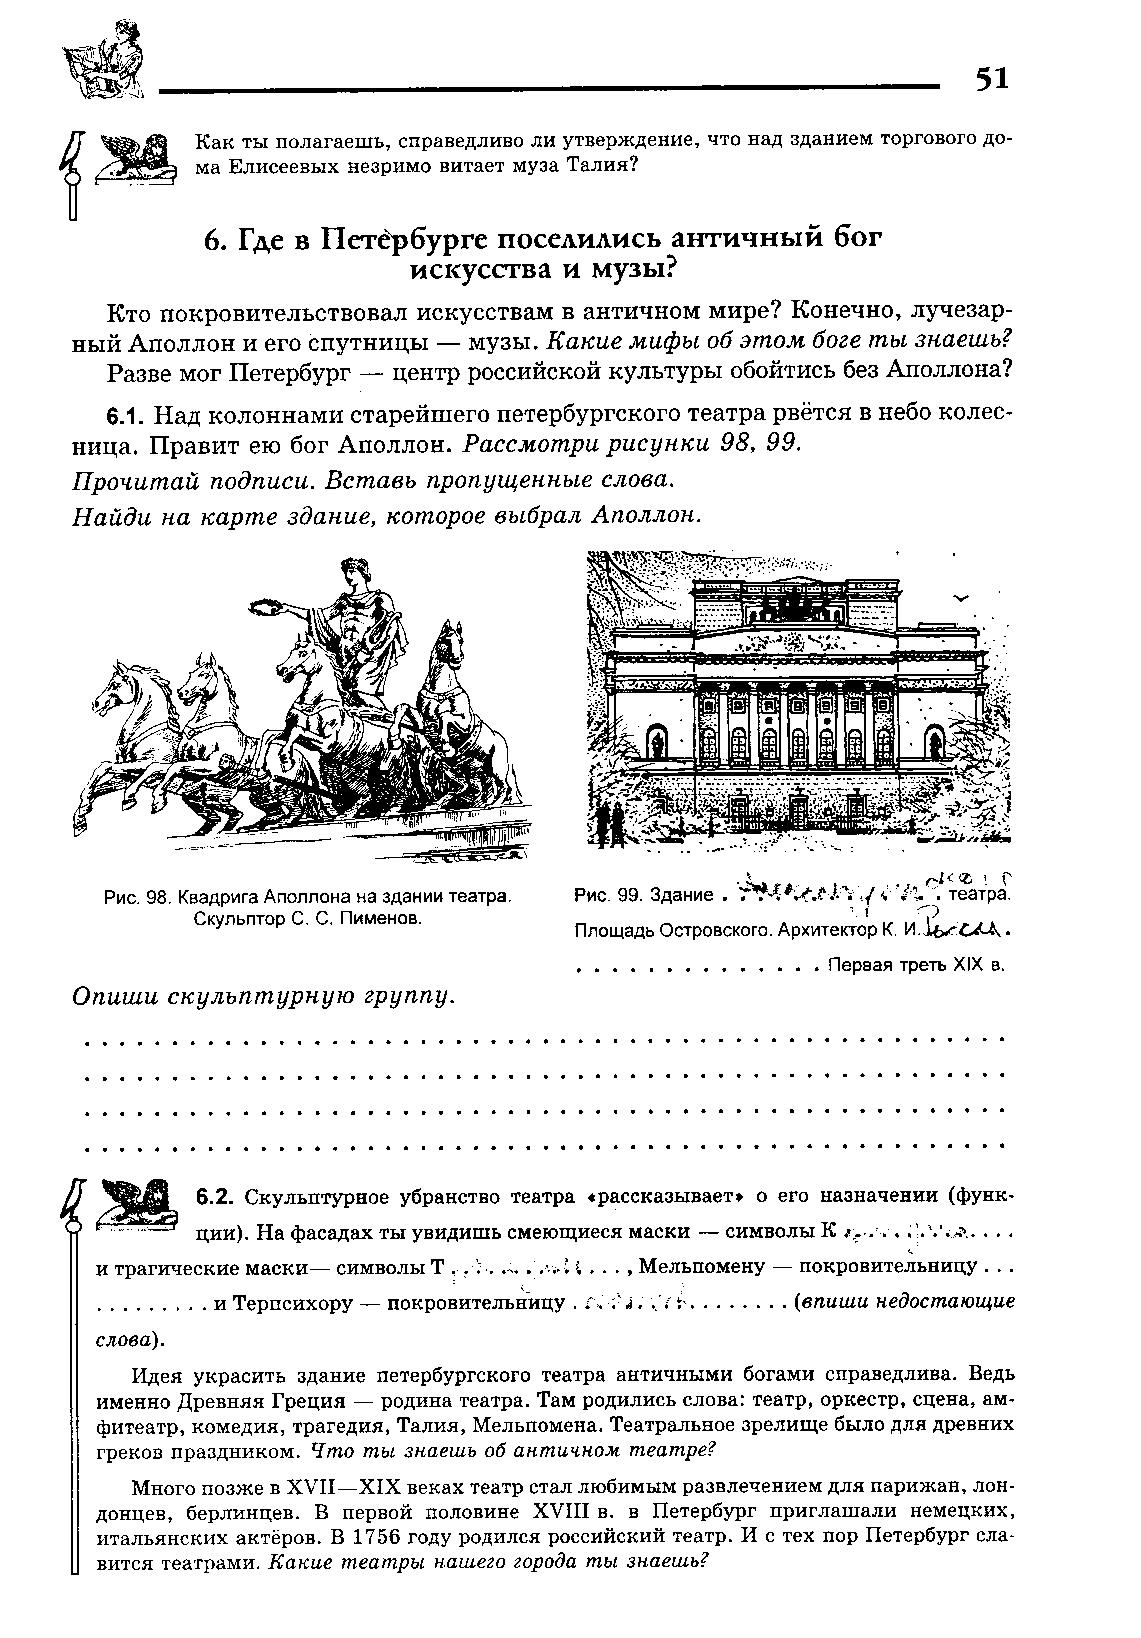 ермолаева 7 история гдз класс санкт-петербурга